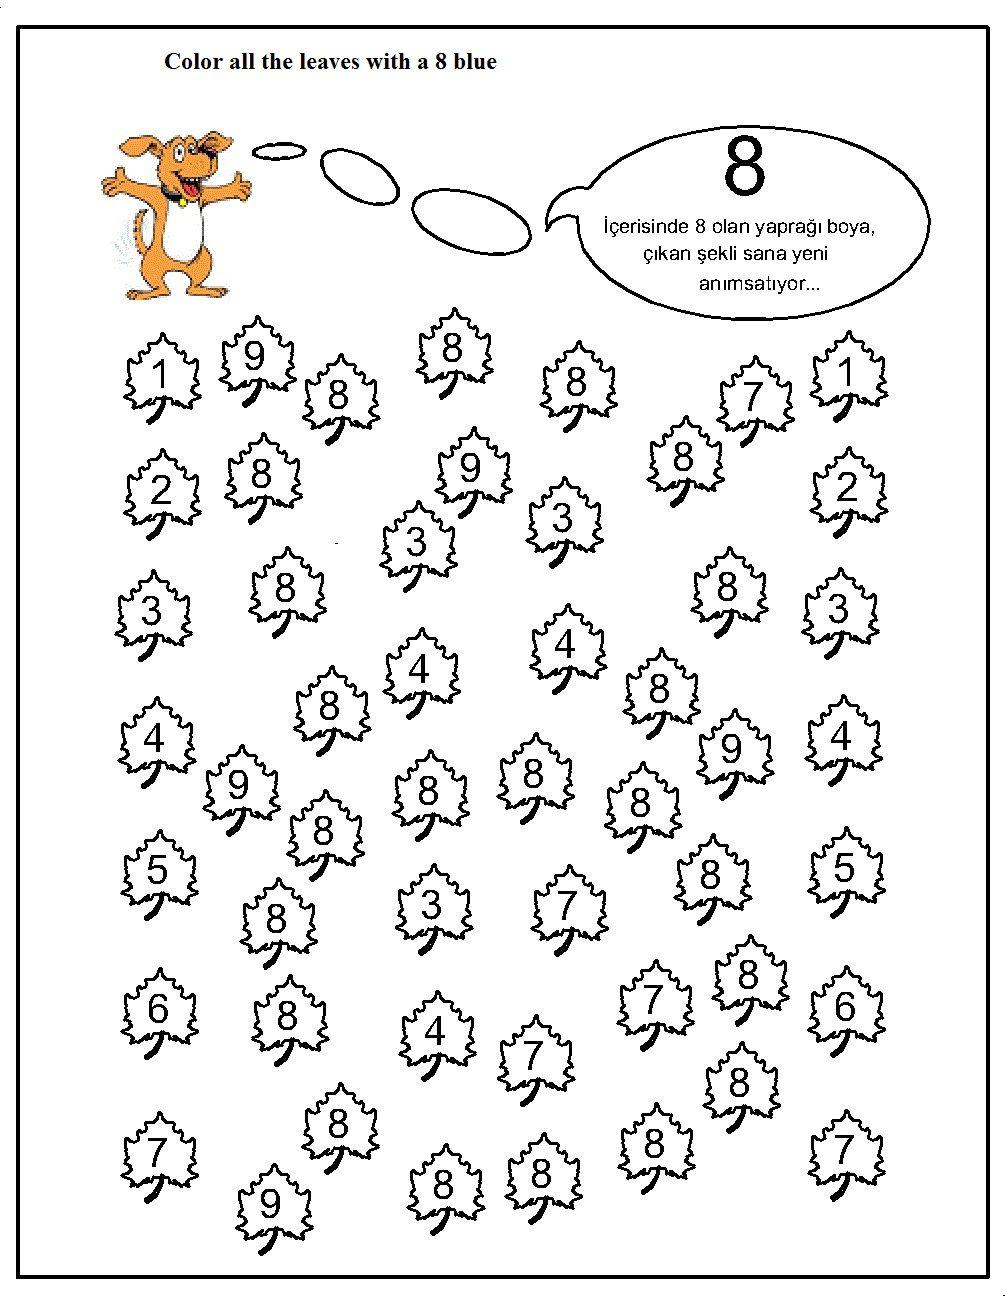 worksheet Number Identification Worksheets number hunt worksheet for kids 16 leren tellen pinterest 16